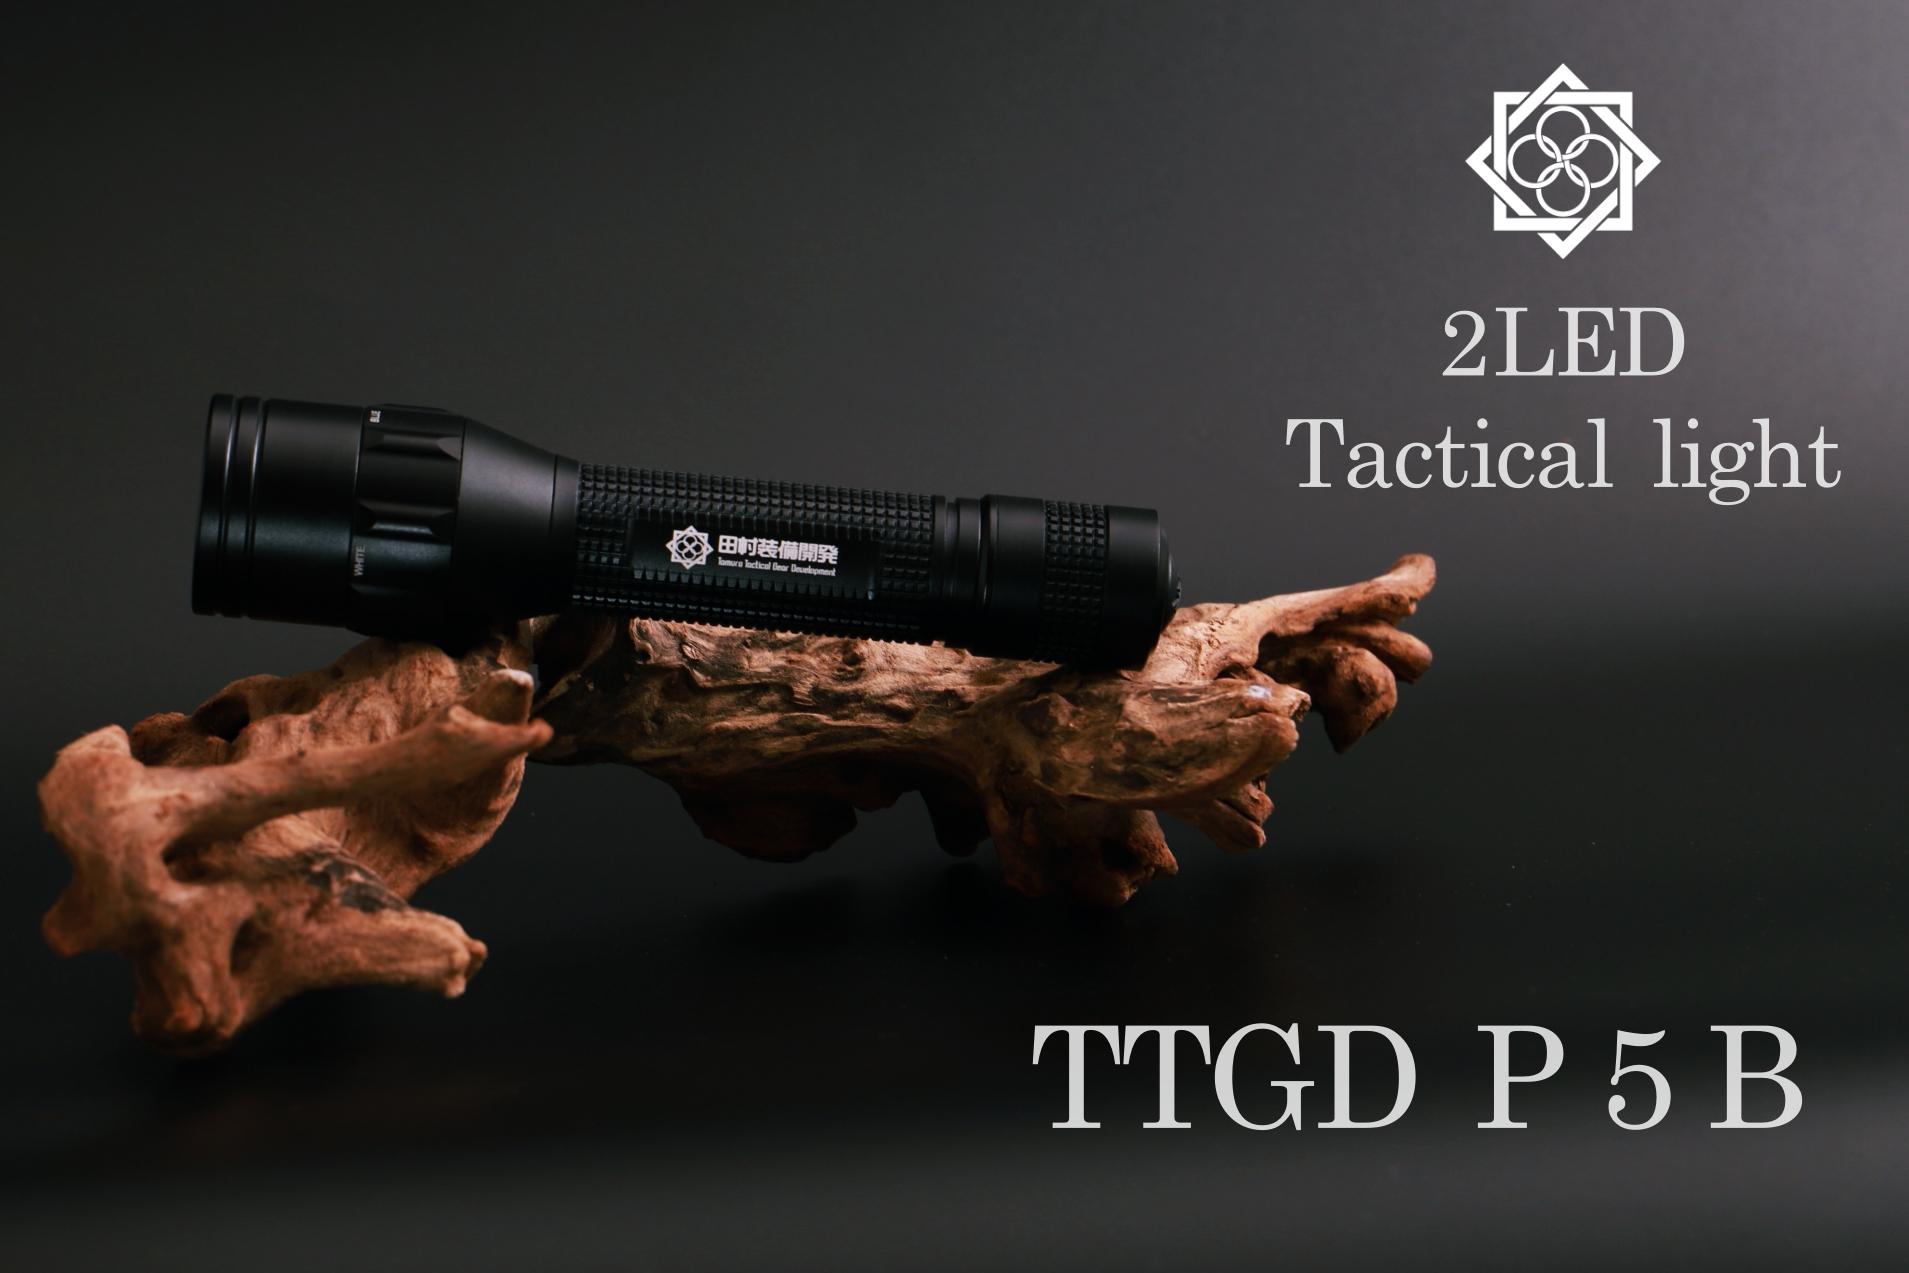 P5B TTGD